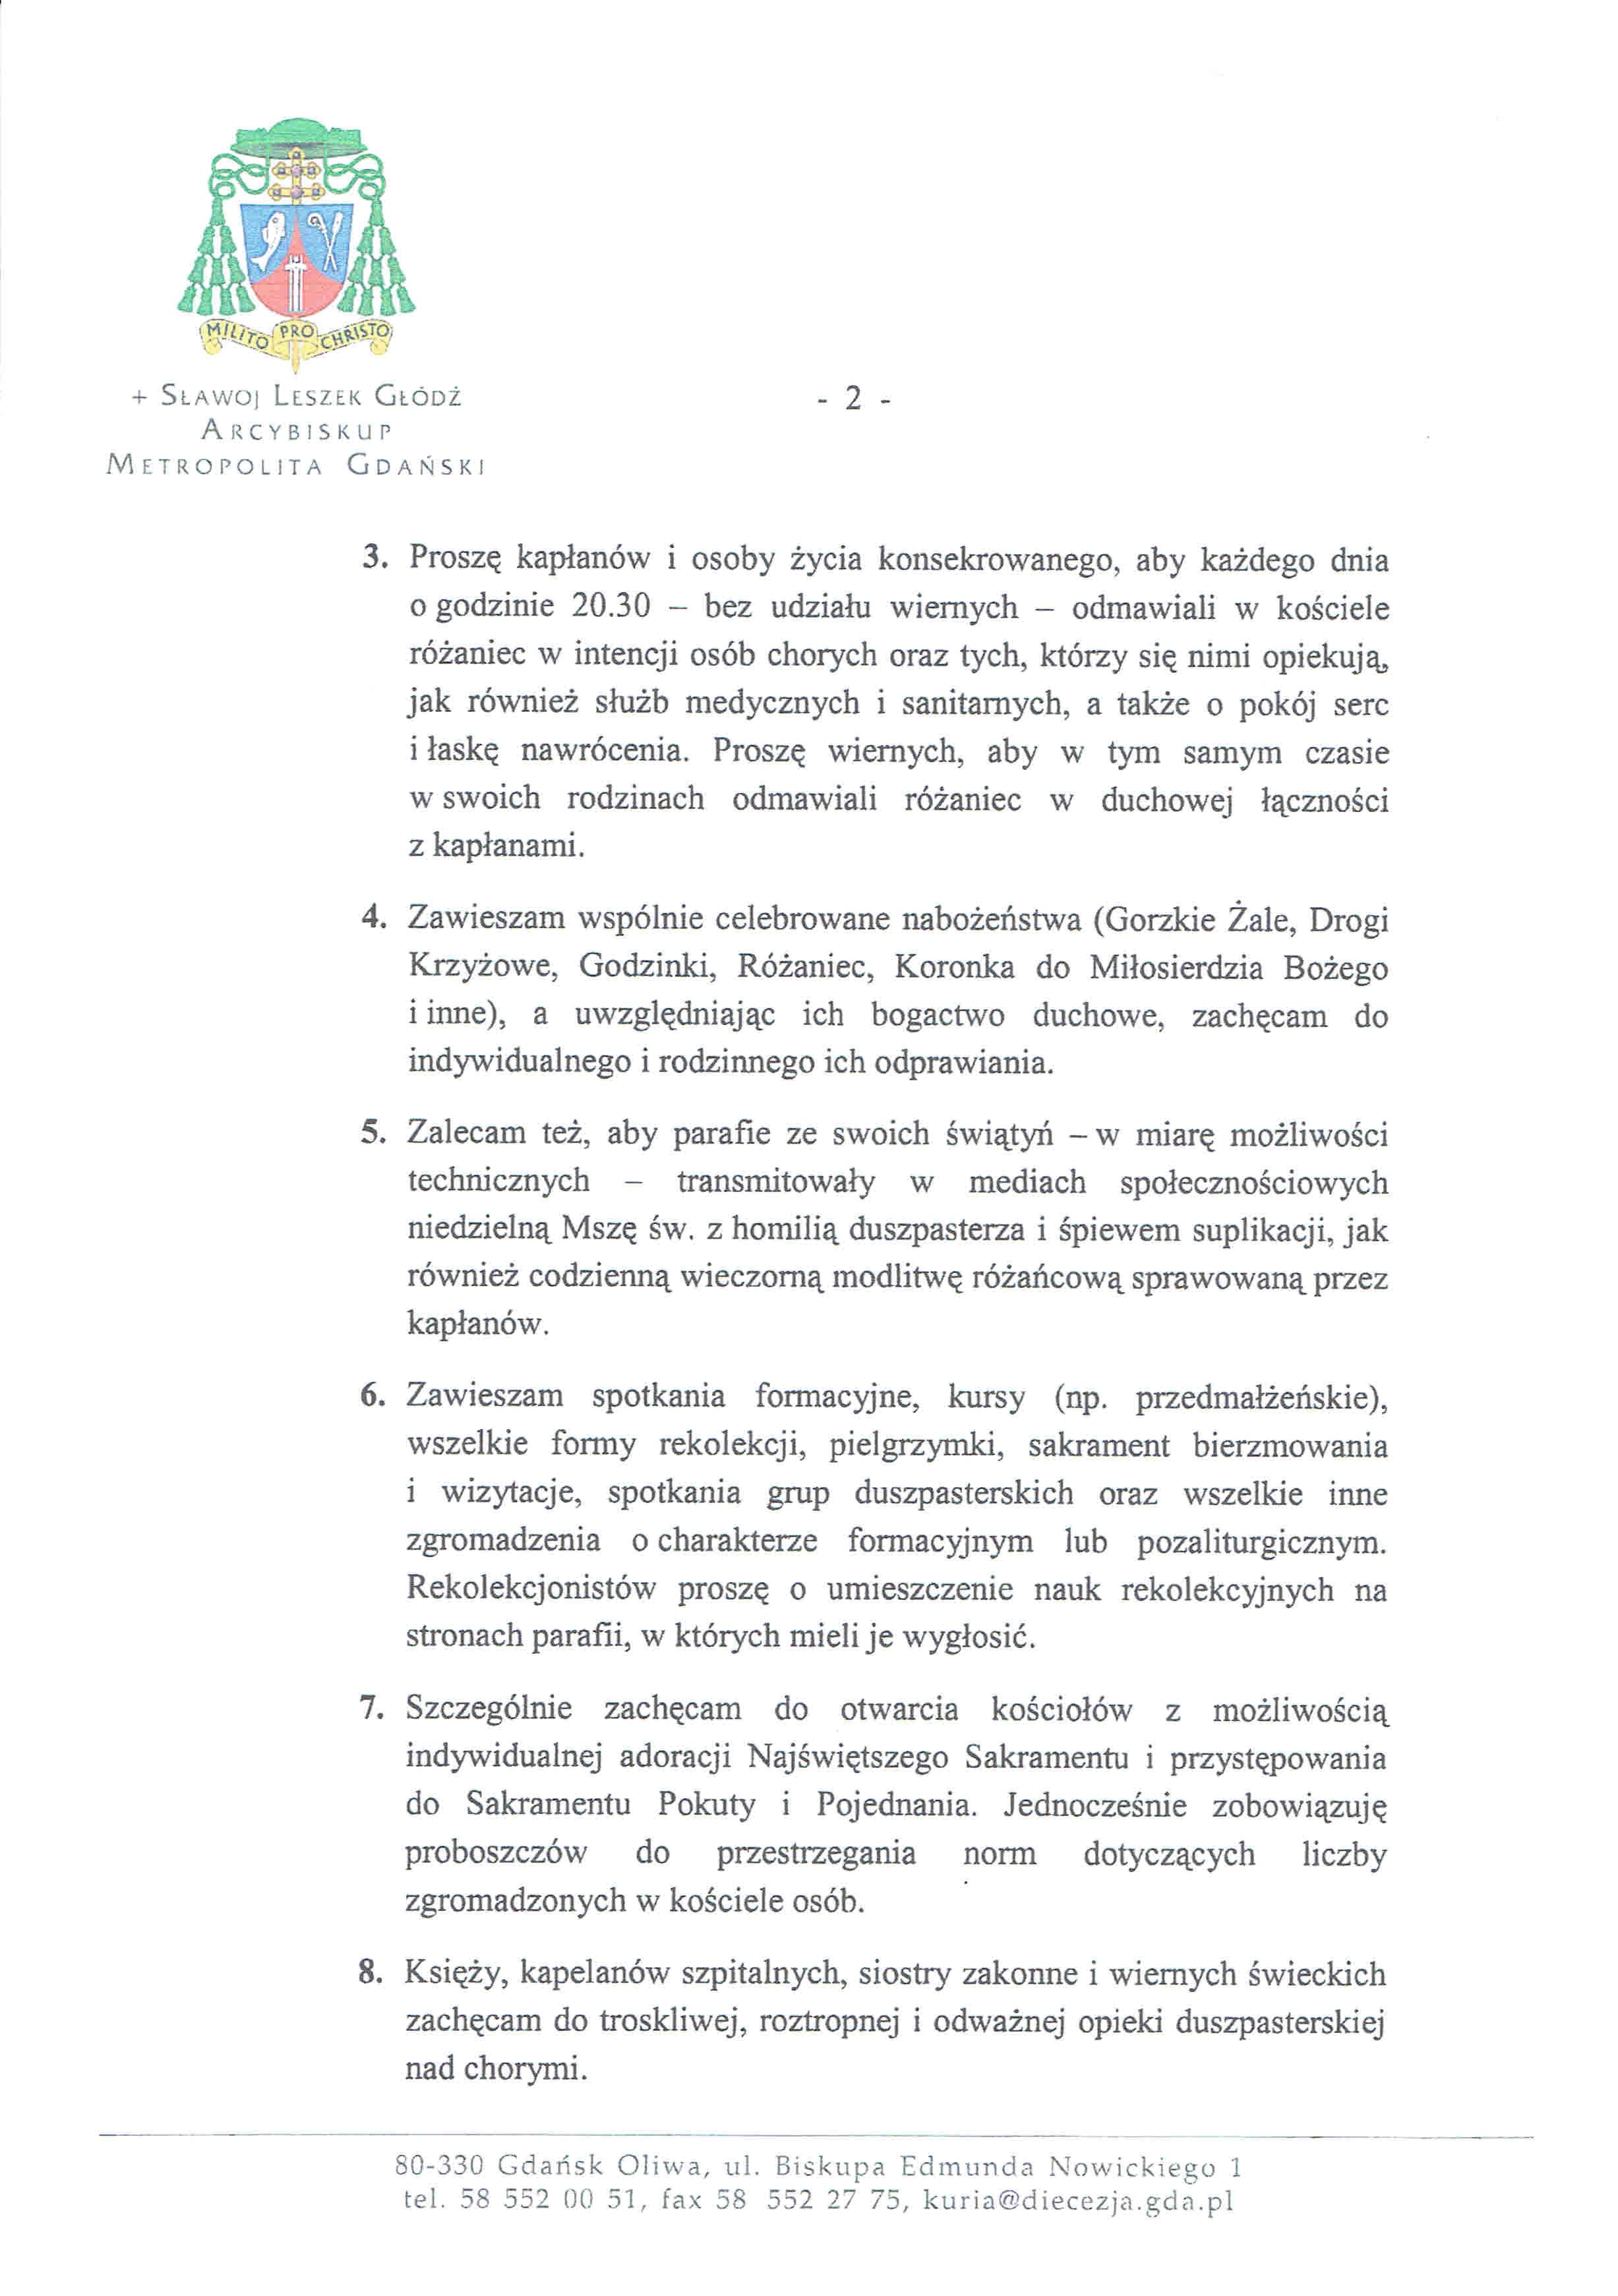 dekret-metropolity-gdanskiego2